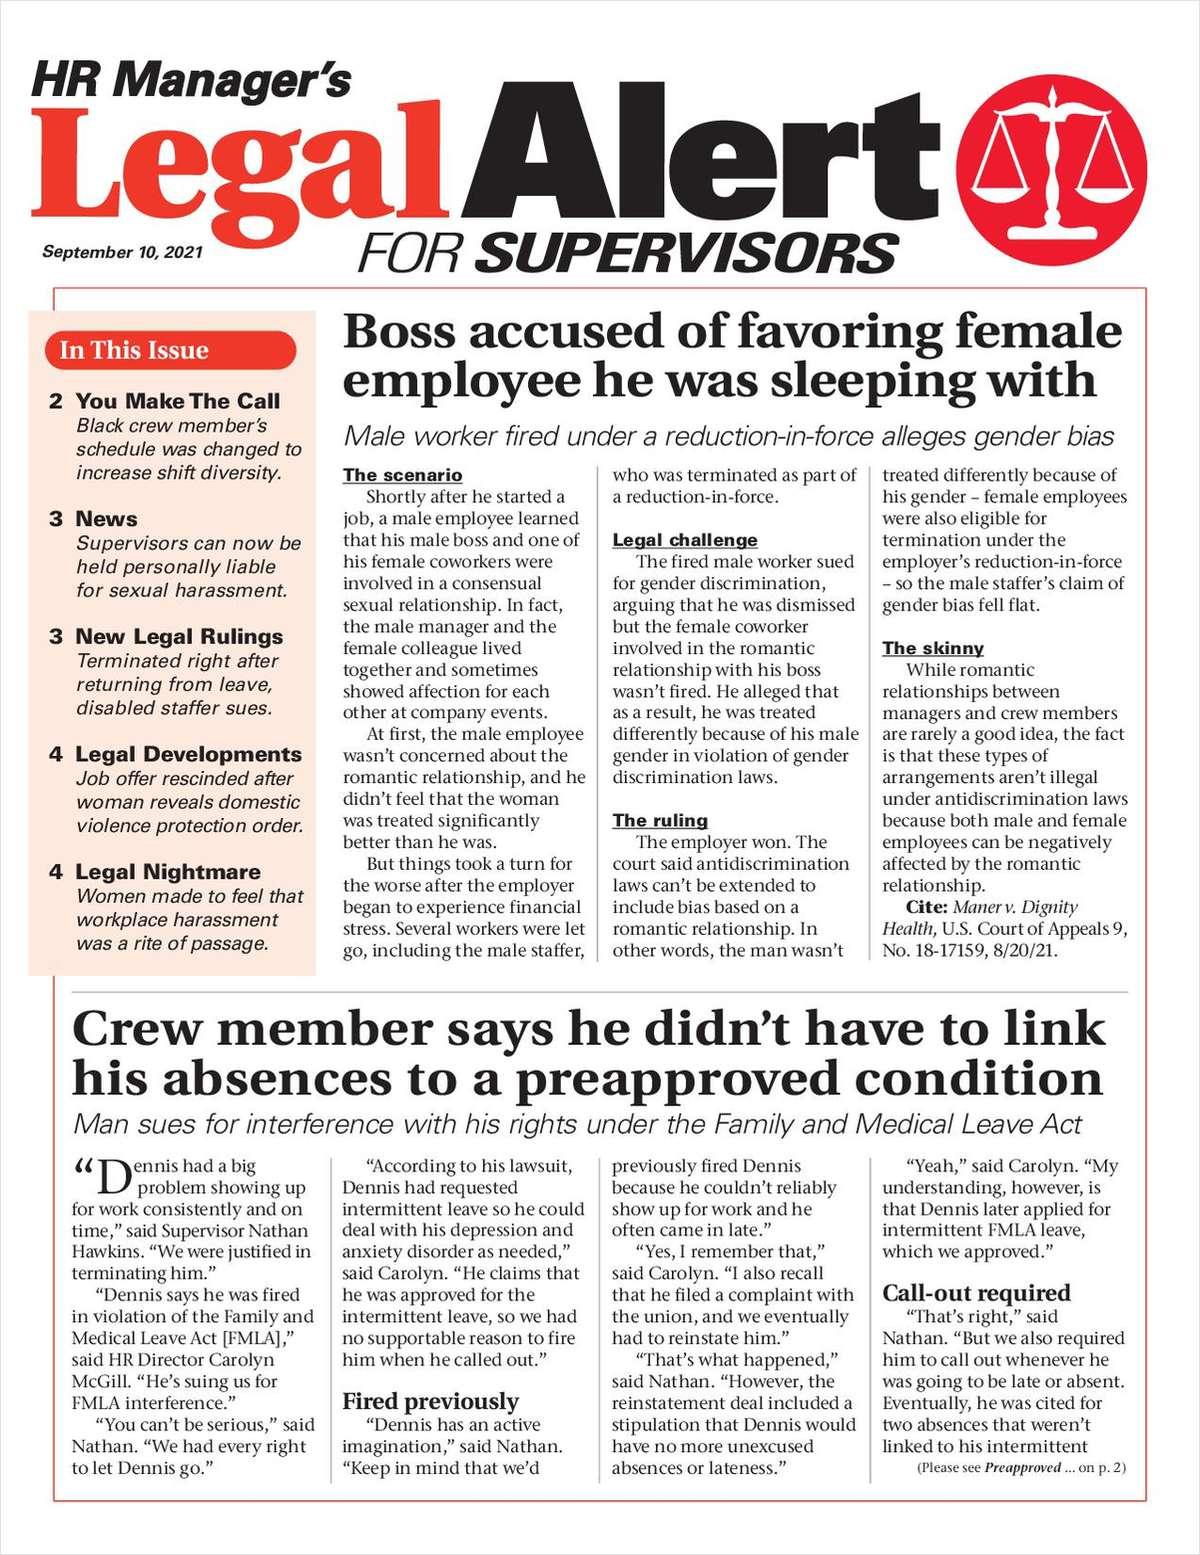 HR Manager's Legal Alert for Supervisors Newsletter: September 10 Edition